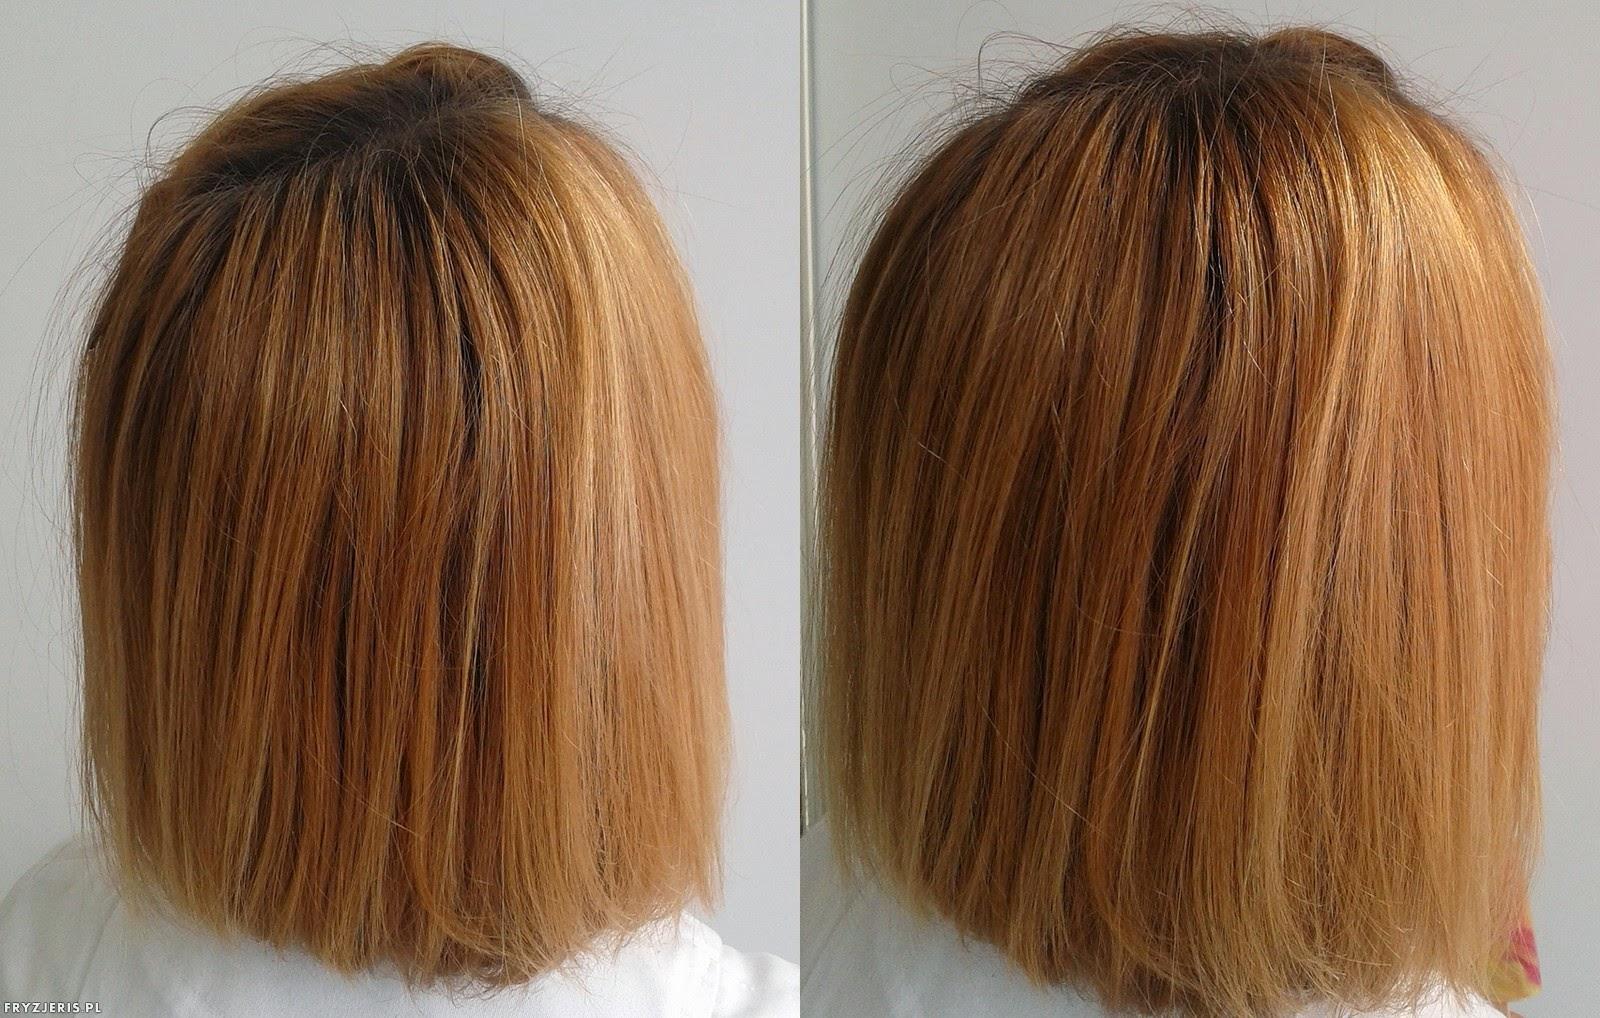 koloryzacja rudy kolor włosów 1